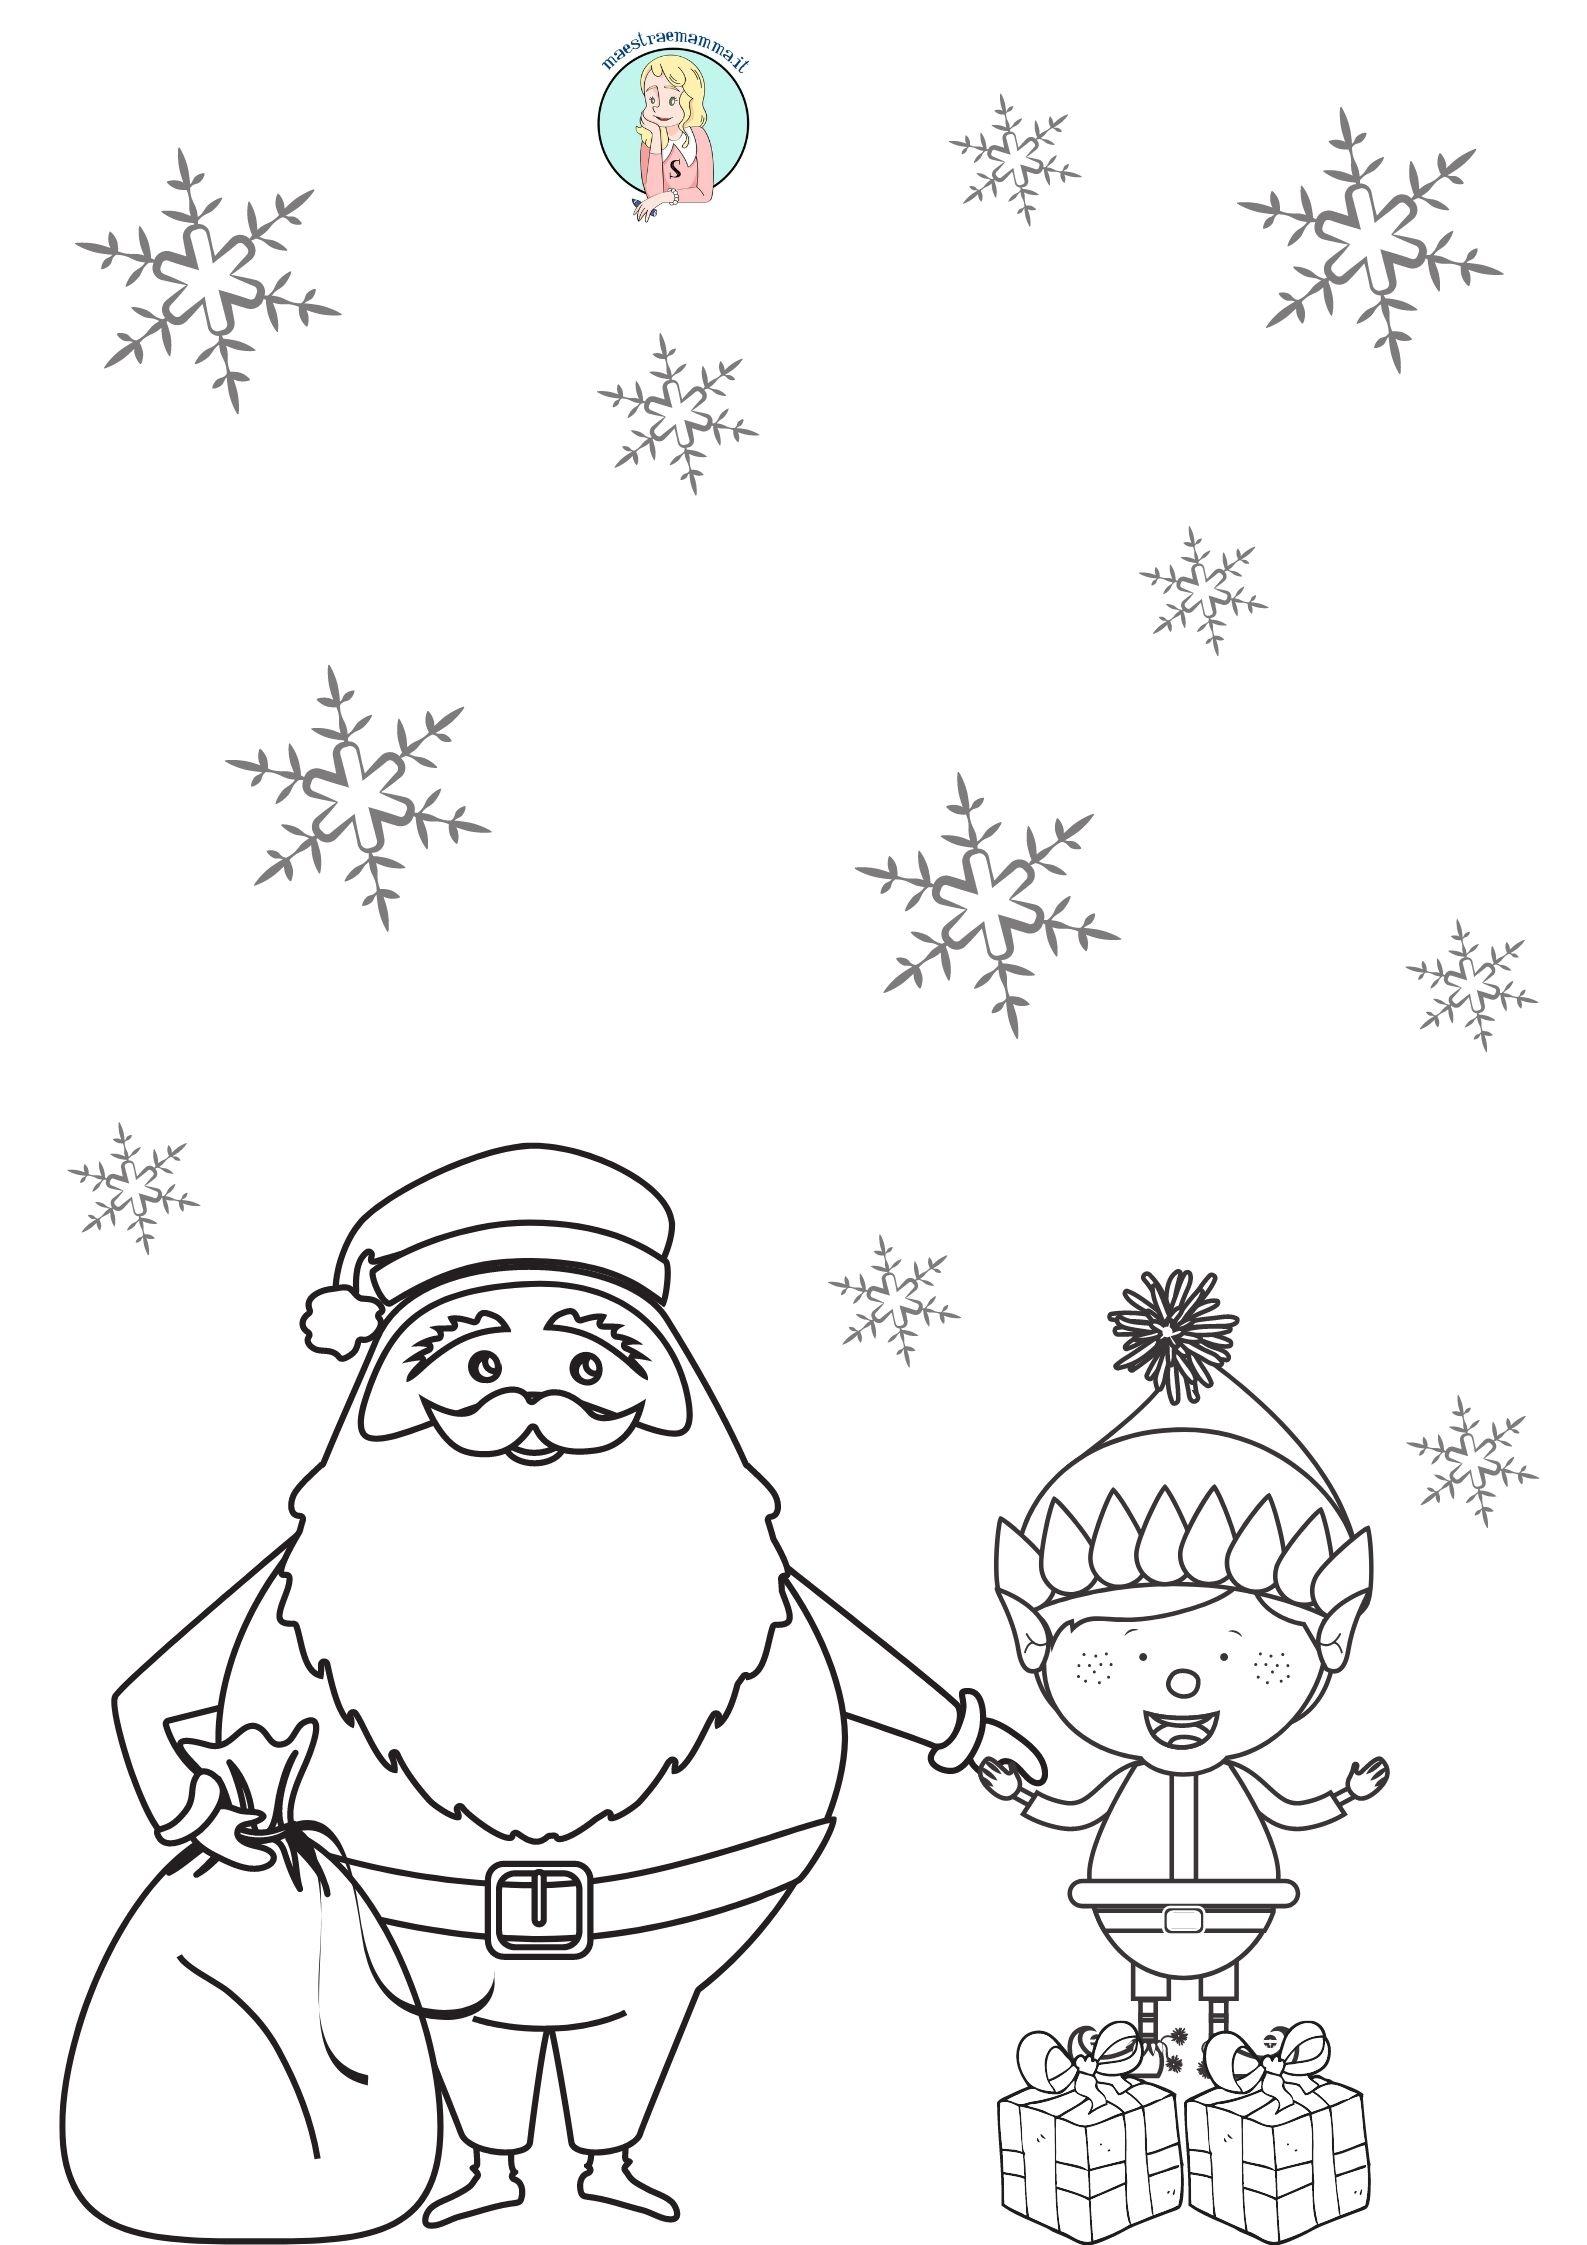 babbo natale folletto disegni sagome per natale ritagliare incollare decorare in bianco e nero